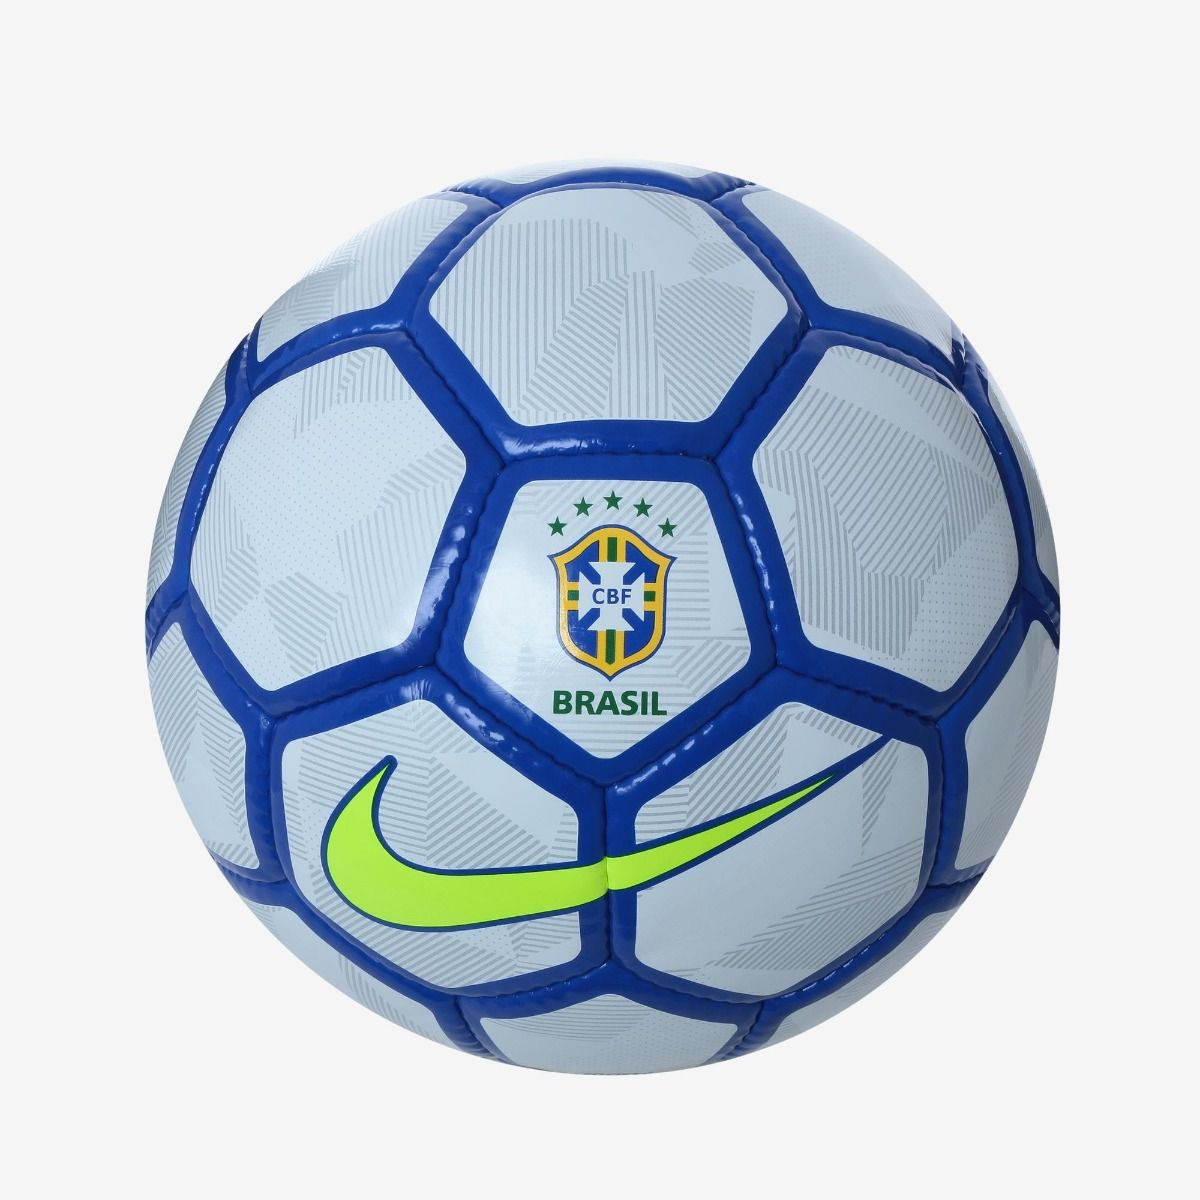 152e7193f Bola Futebol Society Nike Cbf Brasil -branco e Azul - BRACIA SHOP ...